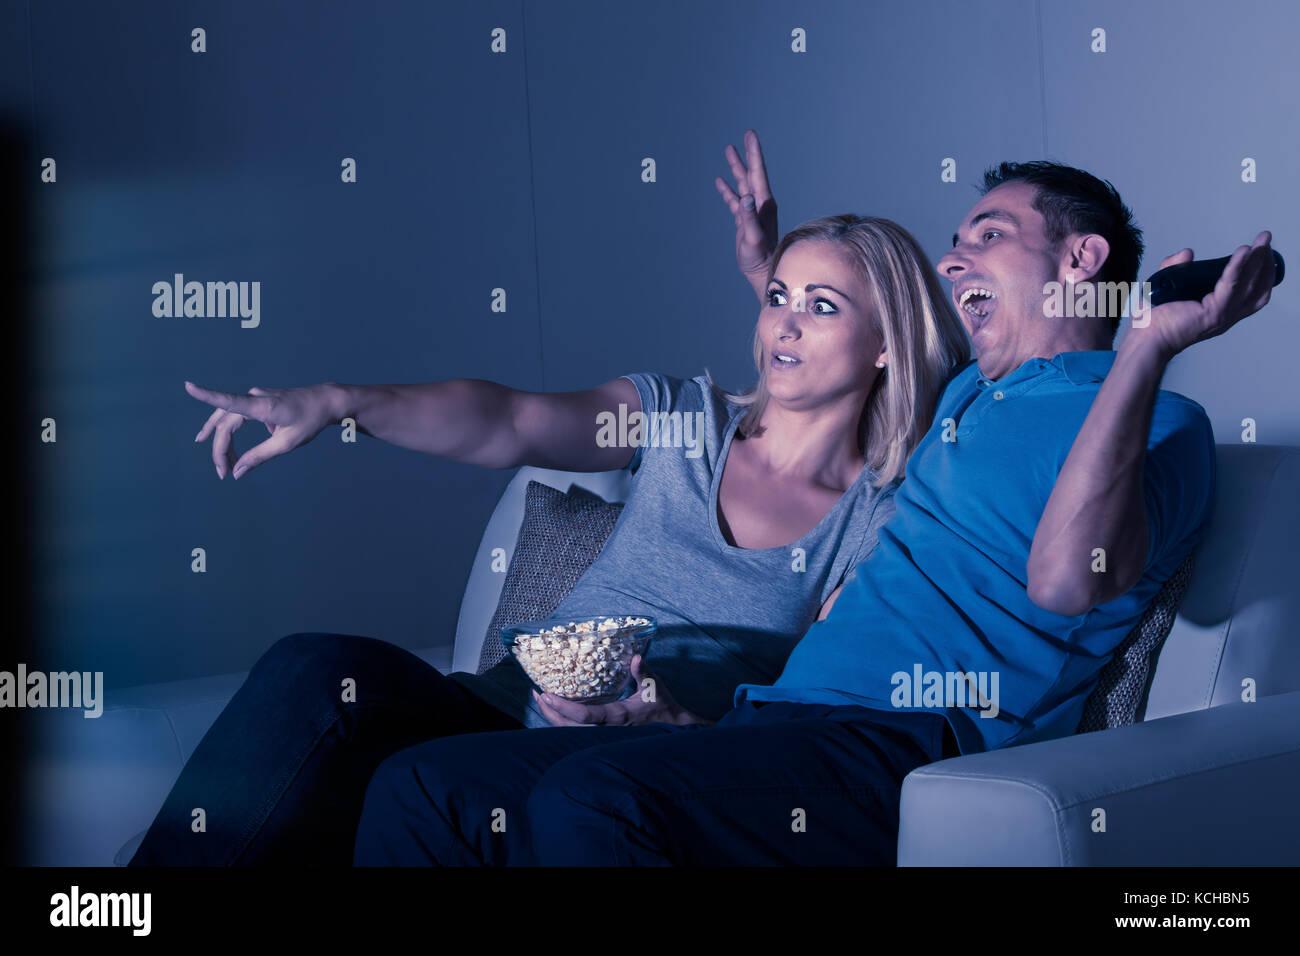 Peur couple watching film d'horreur à la maison Photo Stock